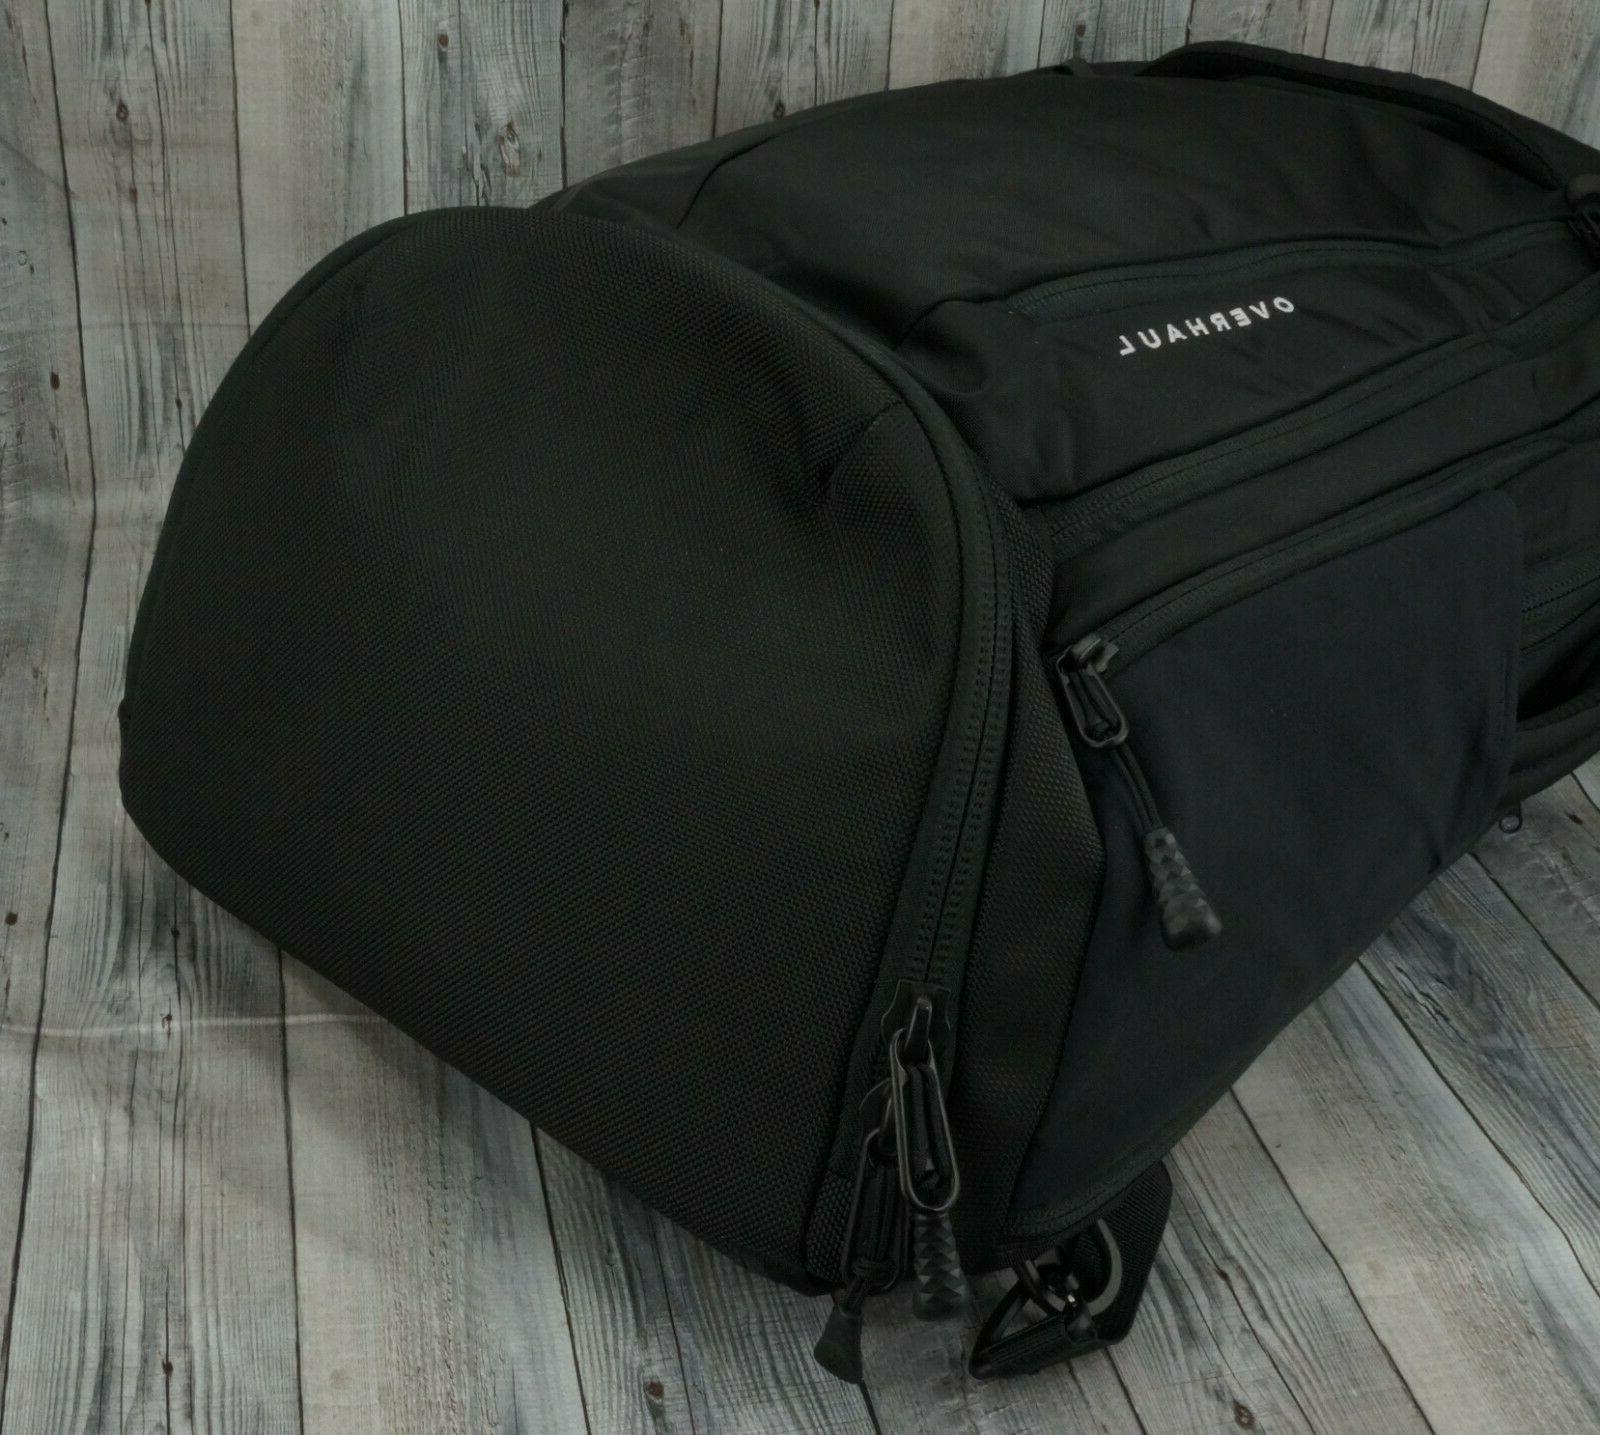 🔥NEW! Overhaul 2.0 Travel Laptop Luggage🔥